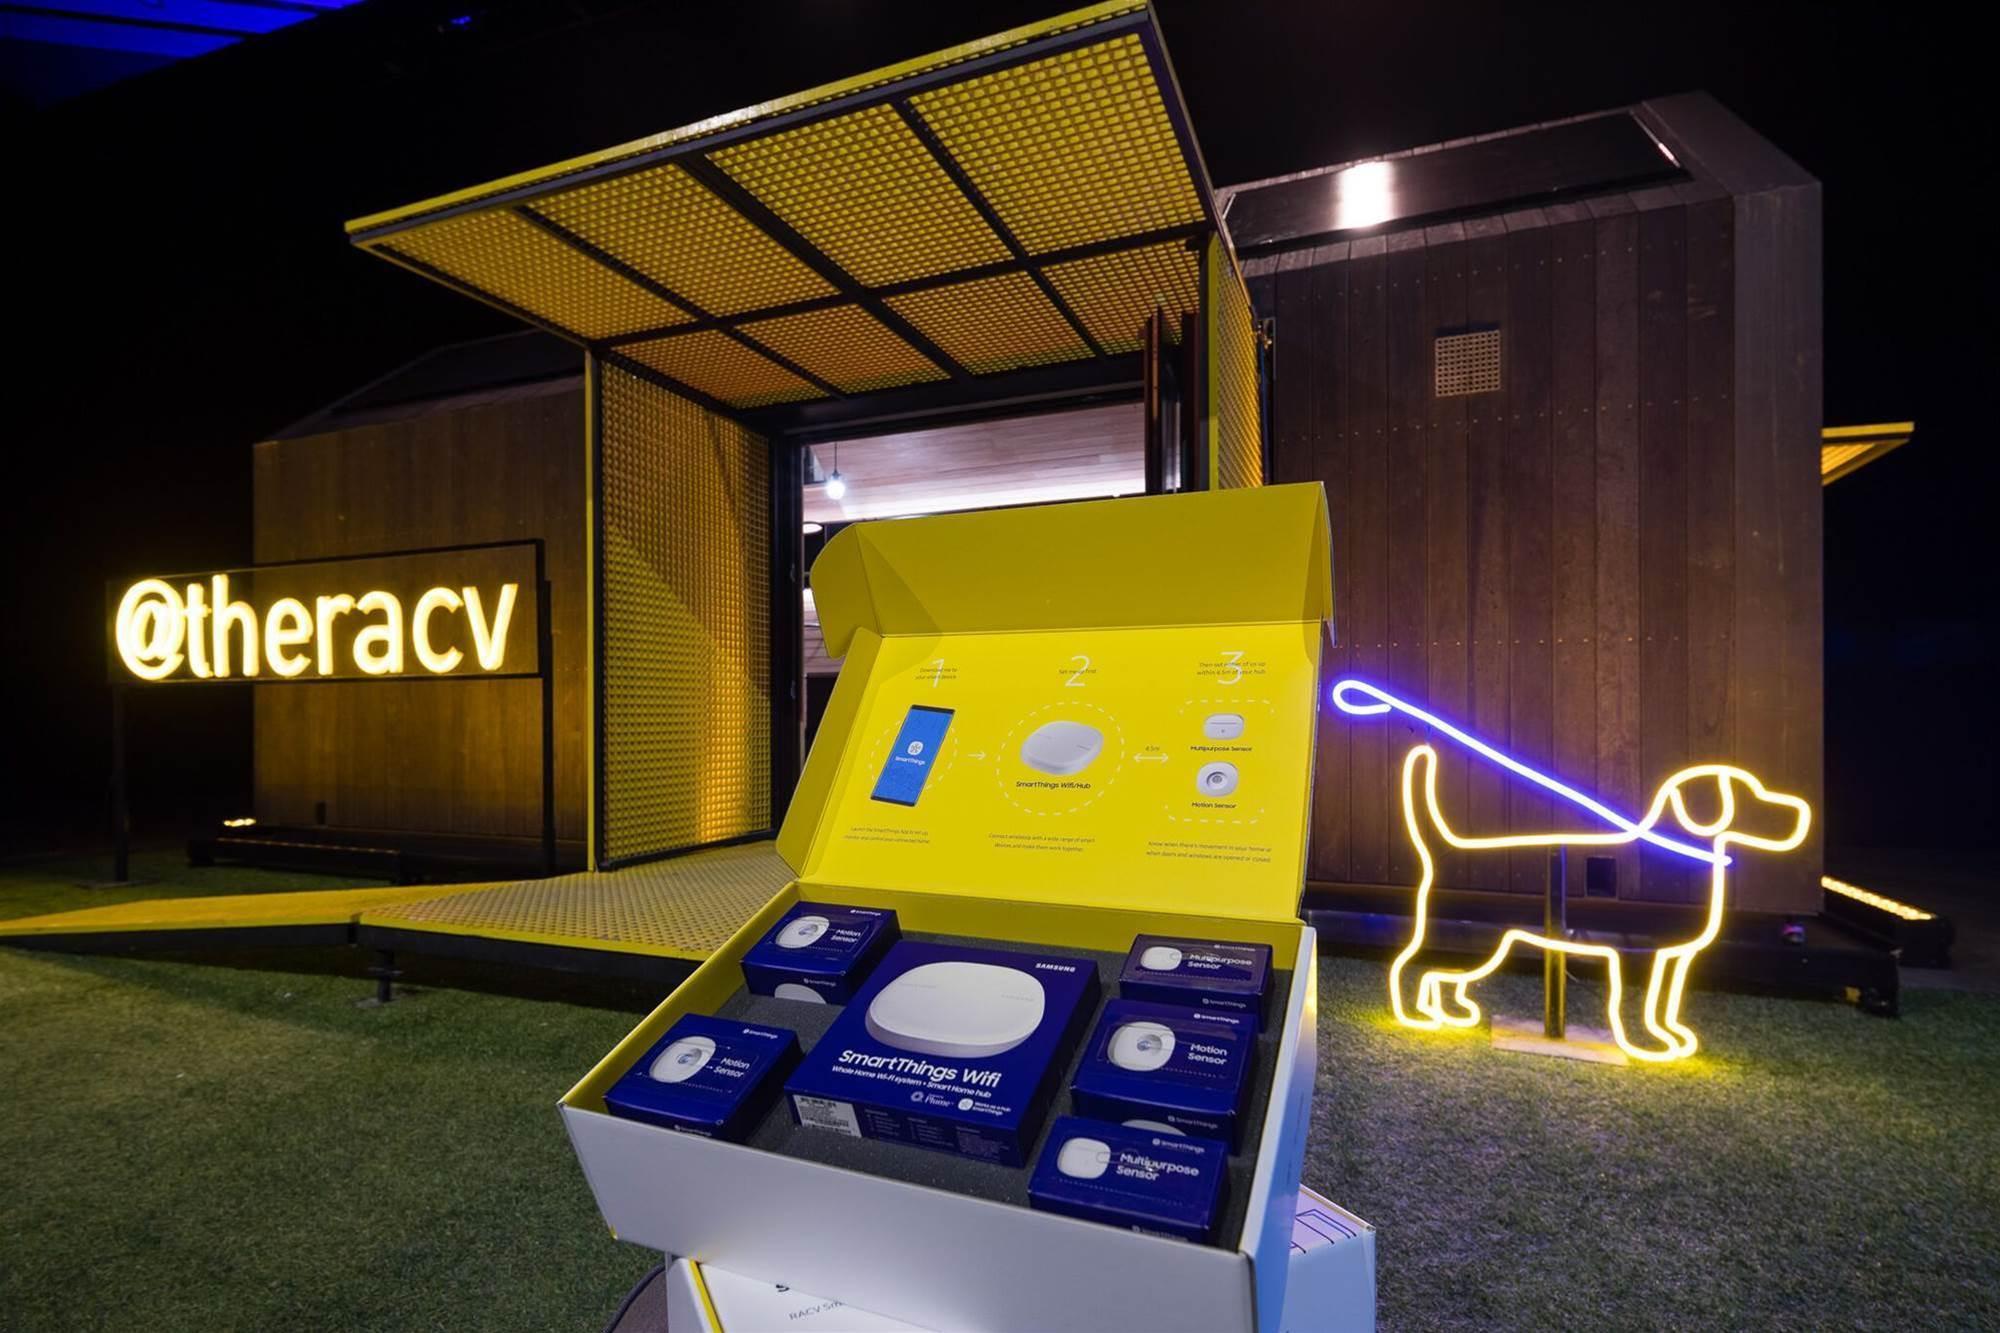 RACV begins selling home IOT hub in Melbourne